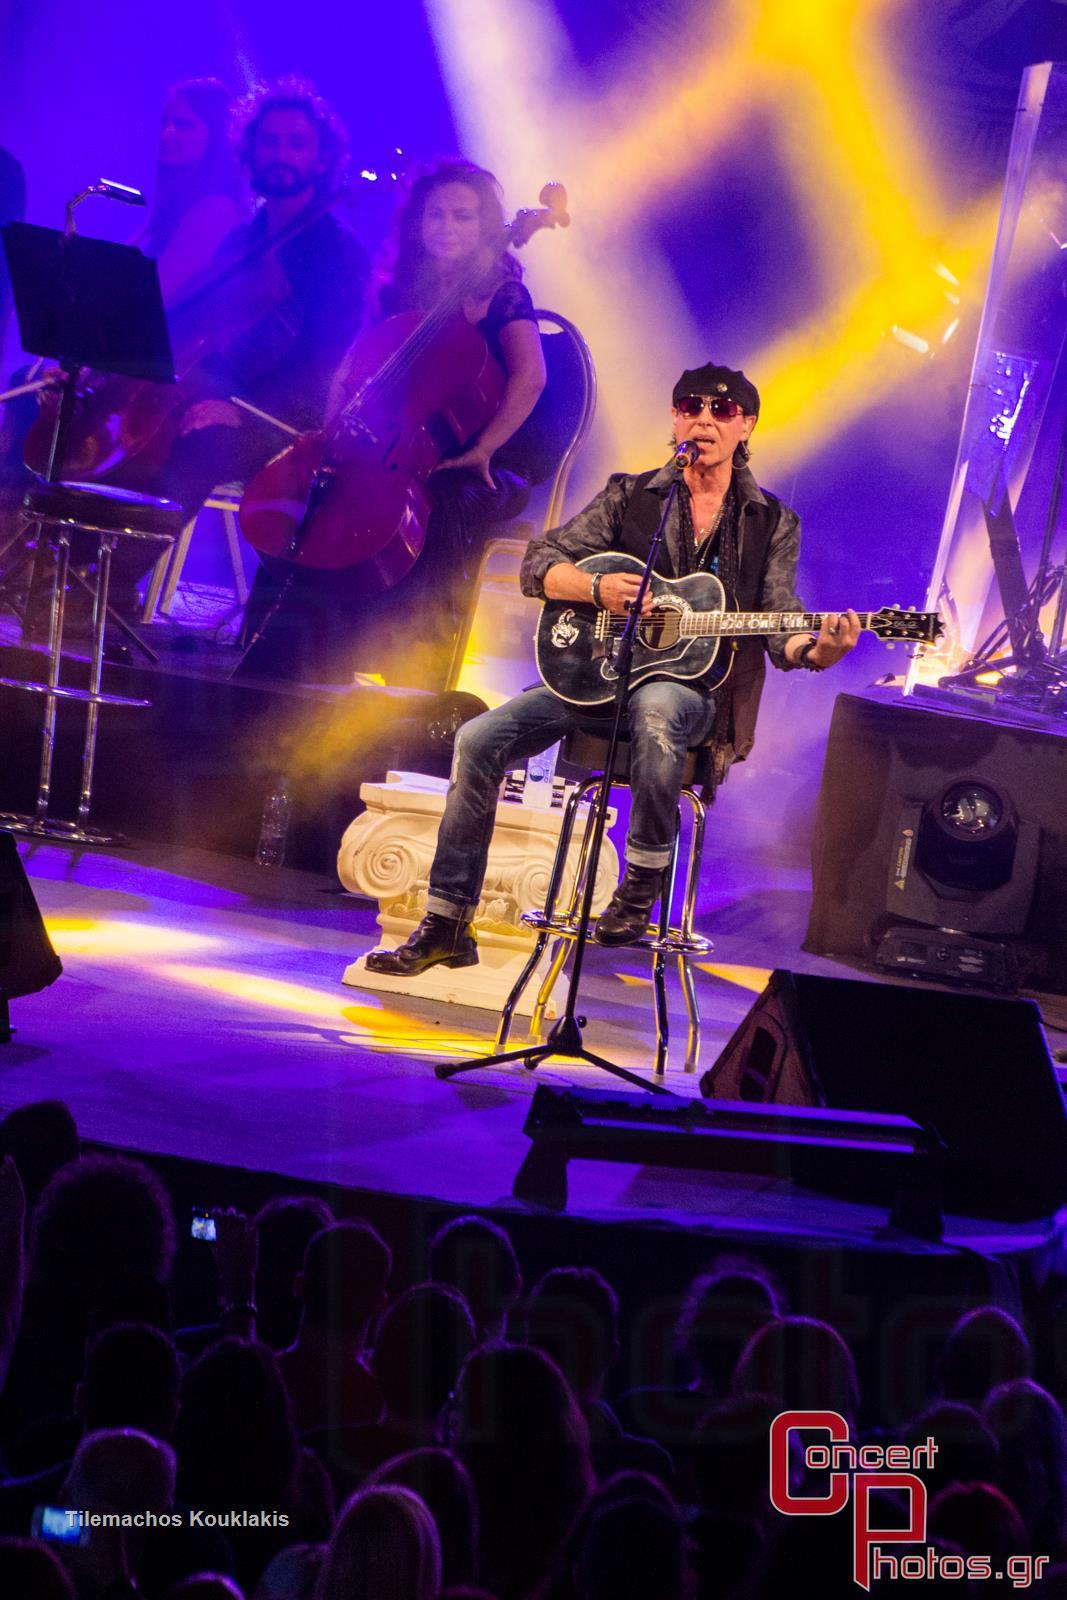 Scorpions-Scorpions photographer: Tilemachos Kouklakis - concertphotos_-6906